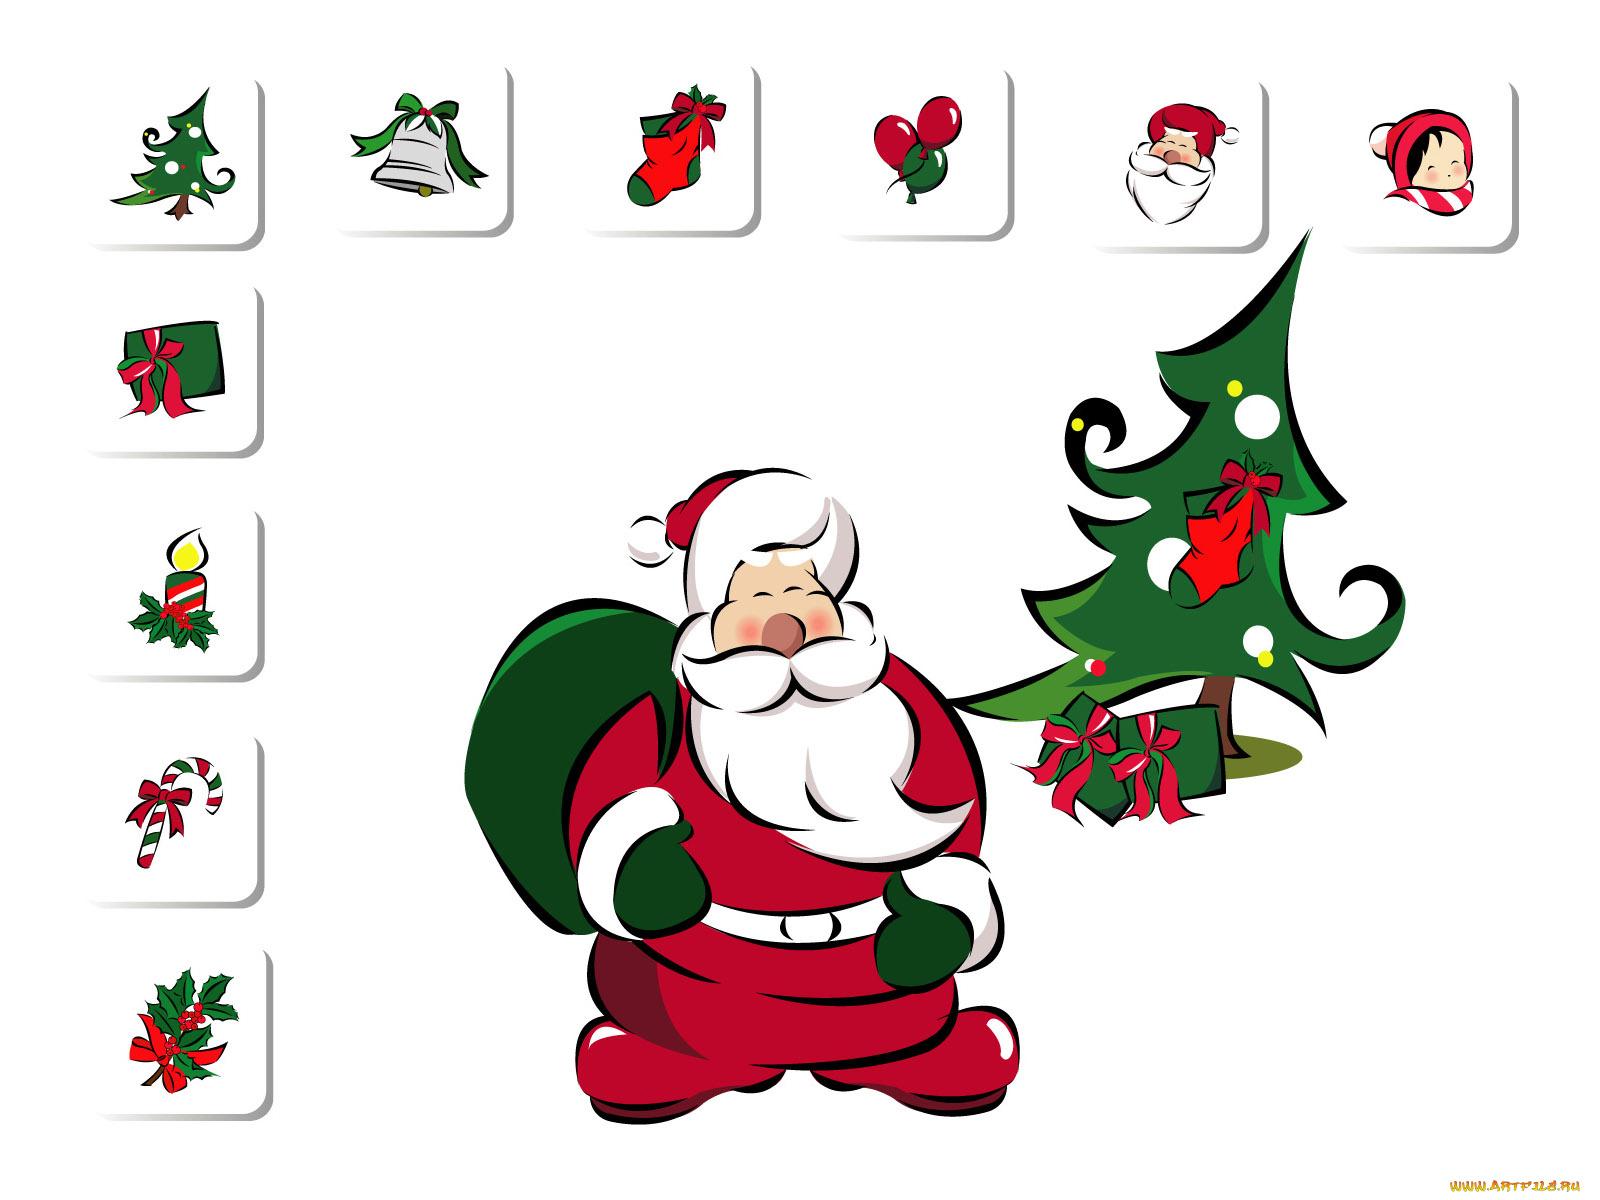 Нарисовать поздравительную открытку к новому году добавить элементы анимации, анимация